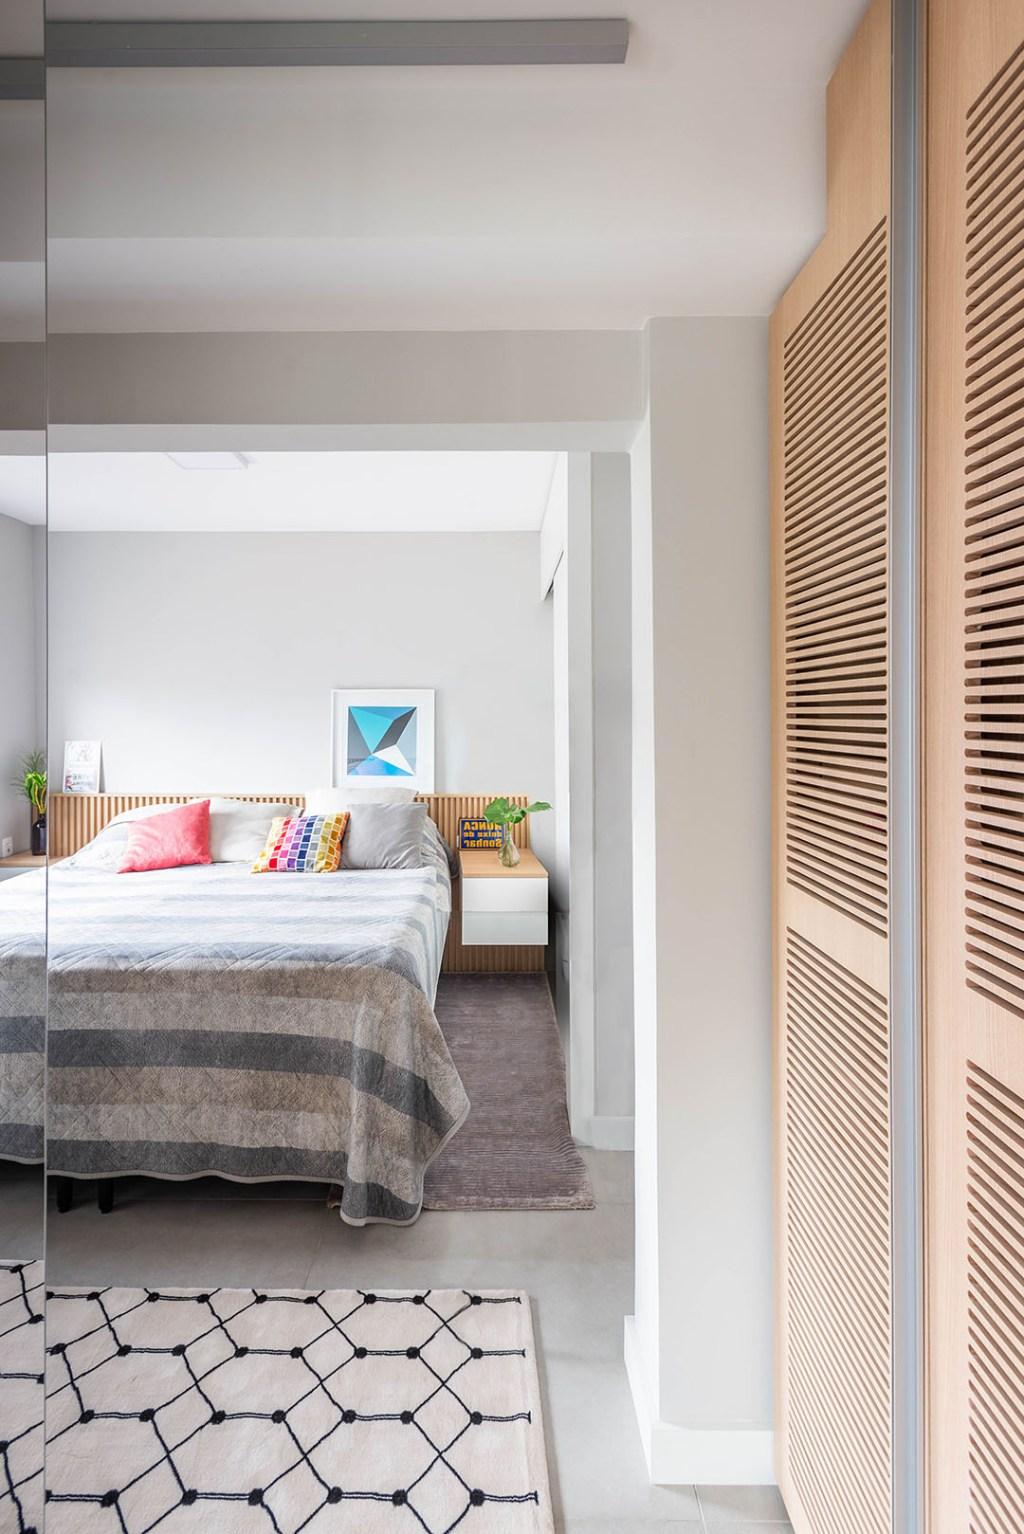 Quarto com cama de casal e fronha cinza listrada. Almofadas coloridas listradas. Armário de madeira